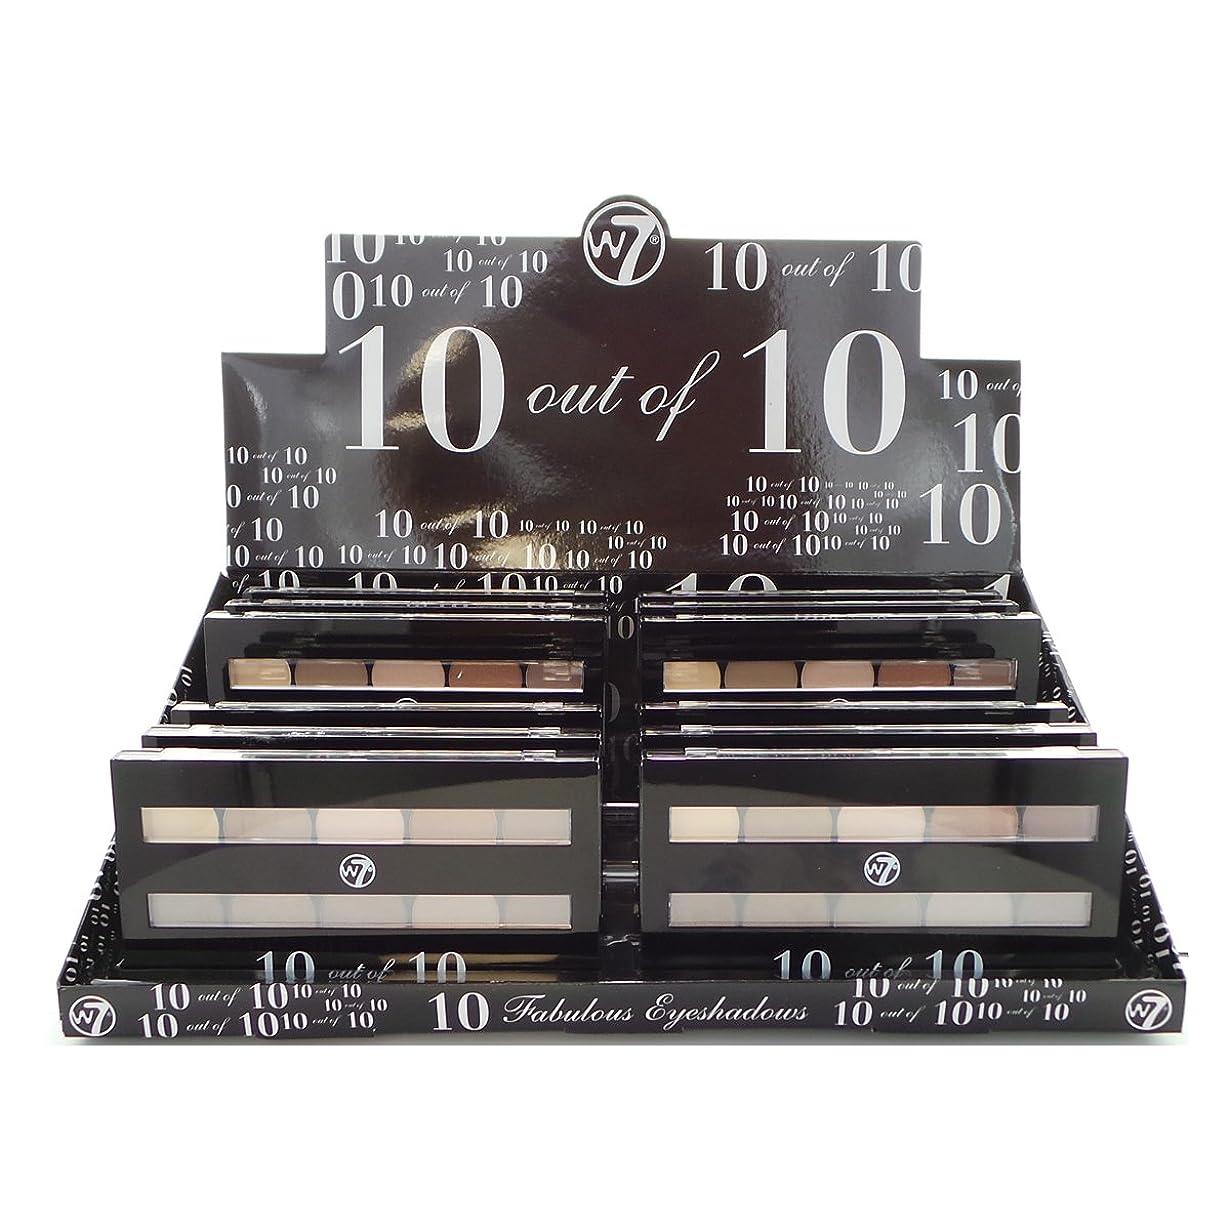 踊り子欠如したいW7 Perfect 10 out of 10 Eyeshadow Palette Browns Display Set, 12 Pieces (並行輸入品)